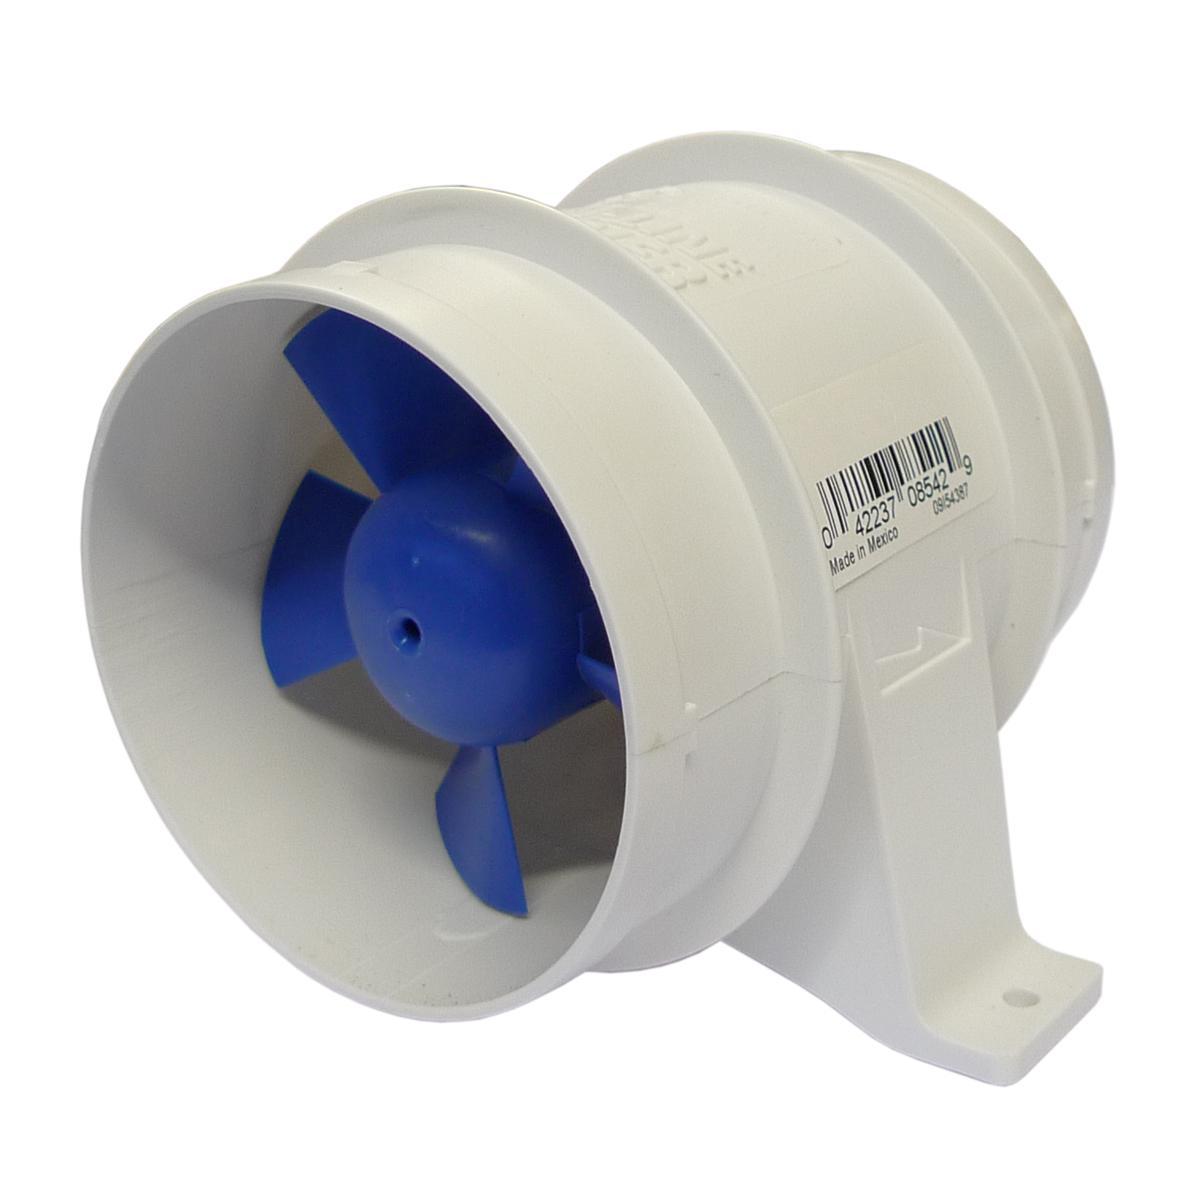 4 Blower Fan : Mm in line blower fan cwp from merlin motorsport